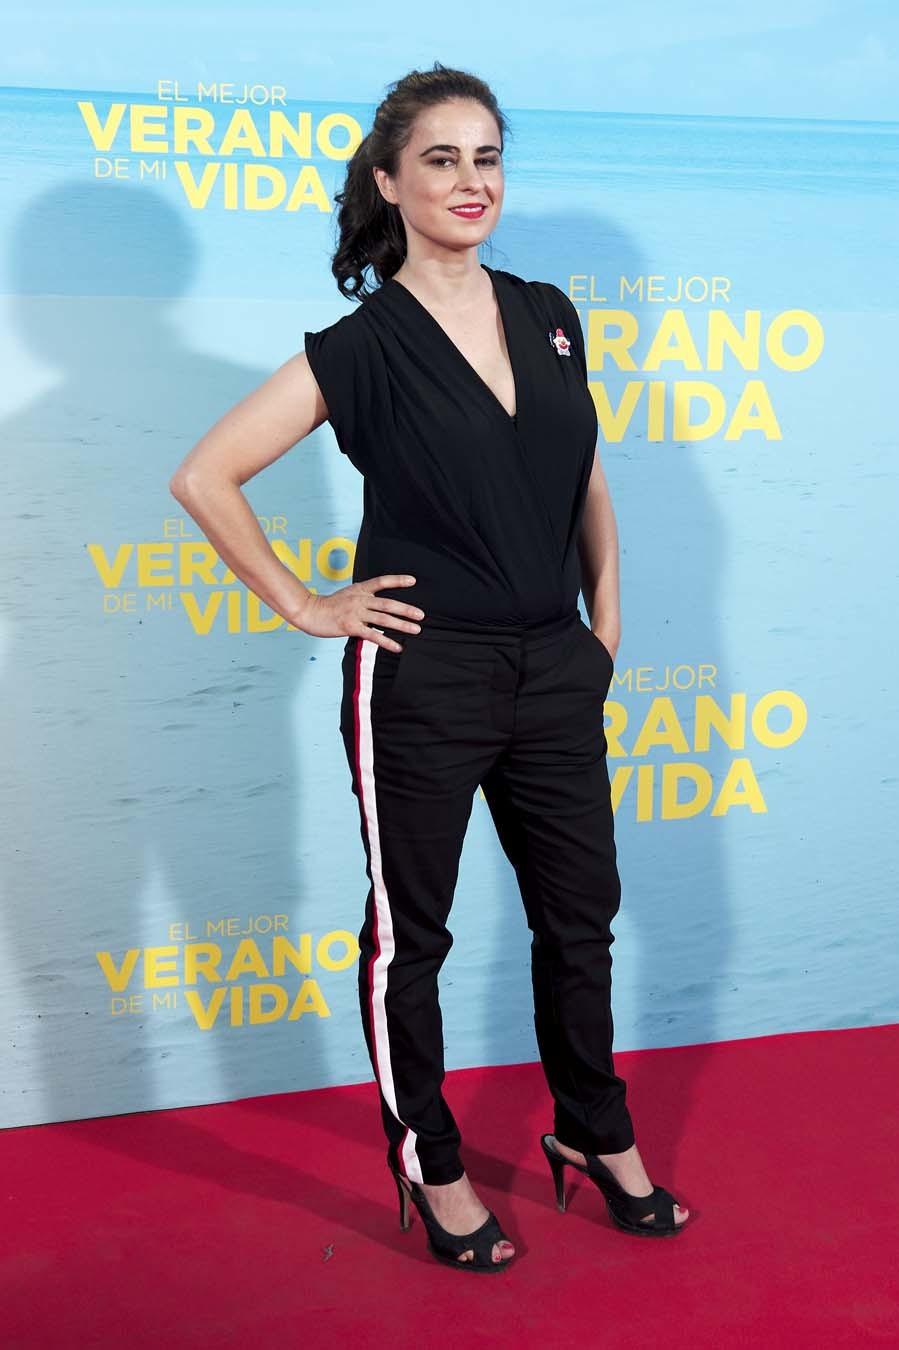 Inés La Maga en la premiere de El mejor verano de mi vida en Madrid